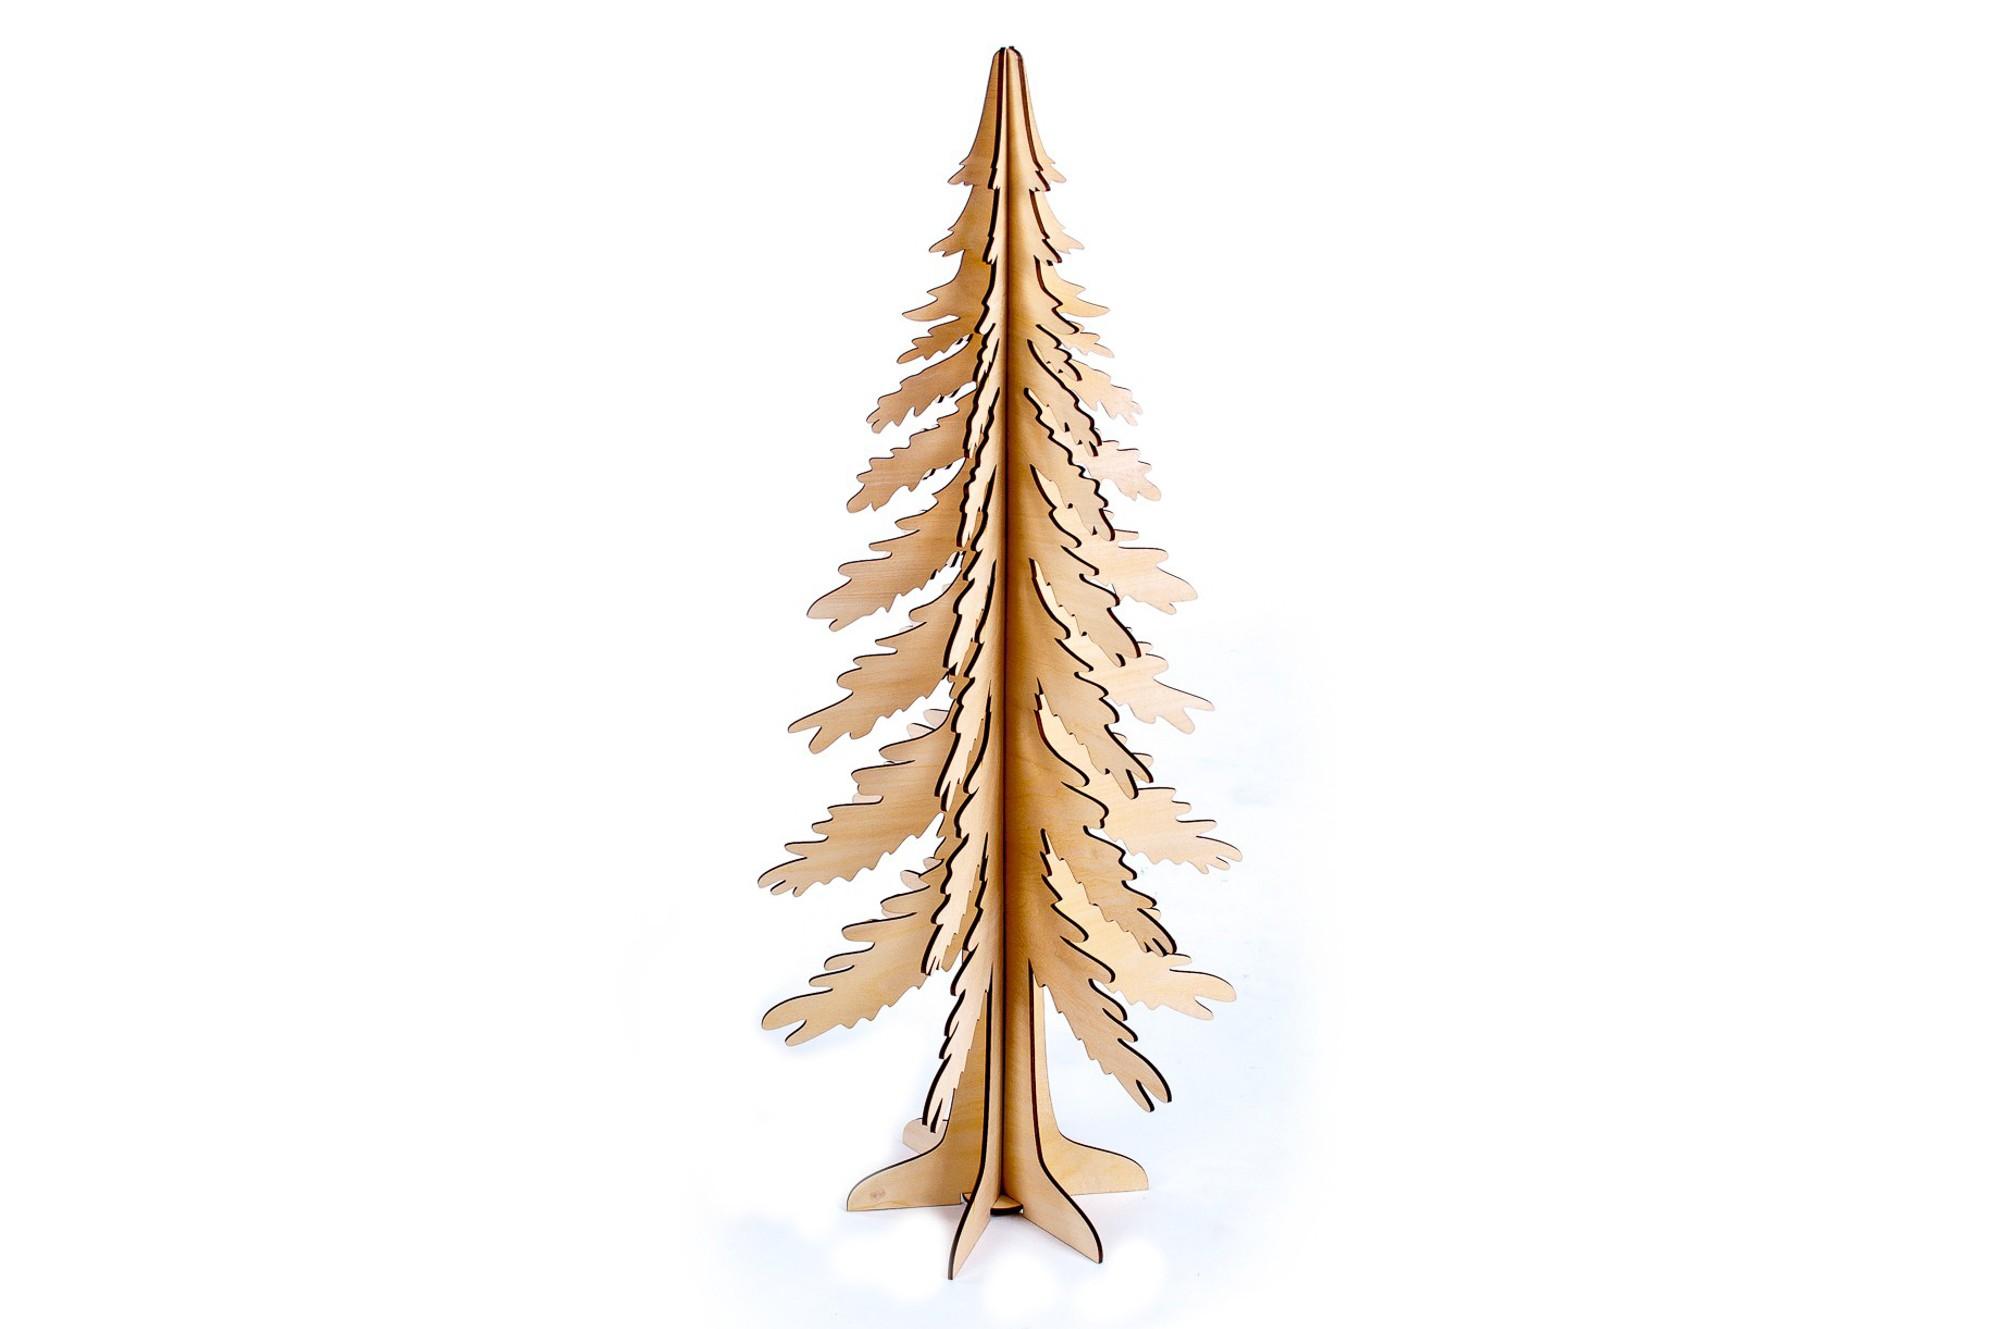 Wieso Tannenbaum Weihnachten.Weihnachtsbaum Holz 25x60cm Tannenbaum Weihnachtsdekoration Holzbaum Weihnachten